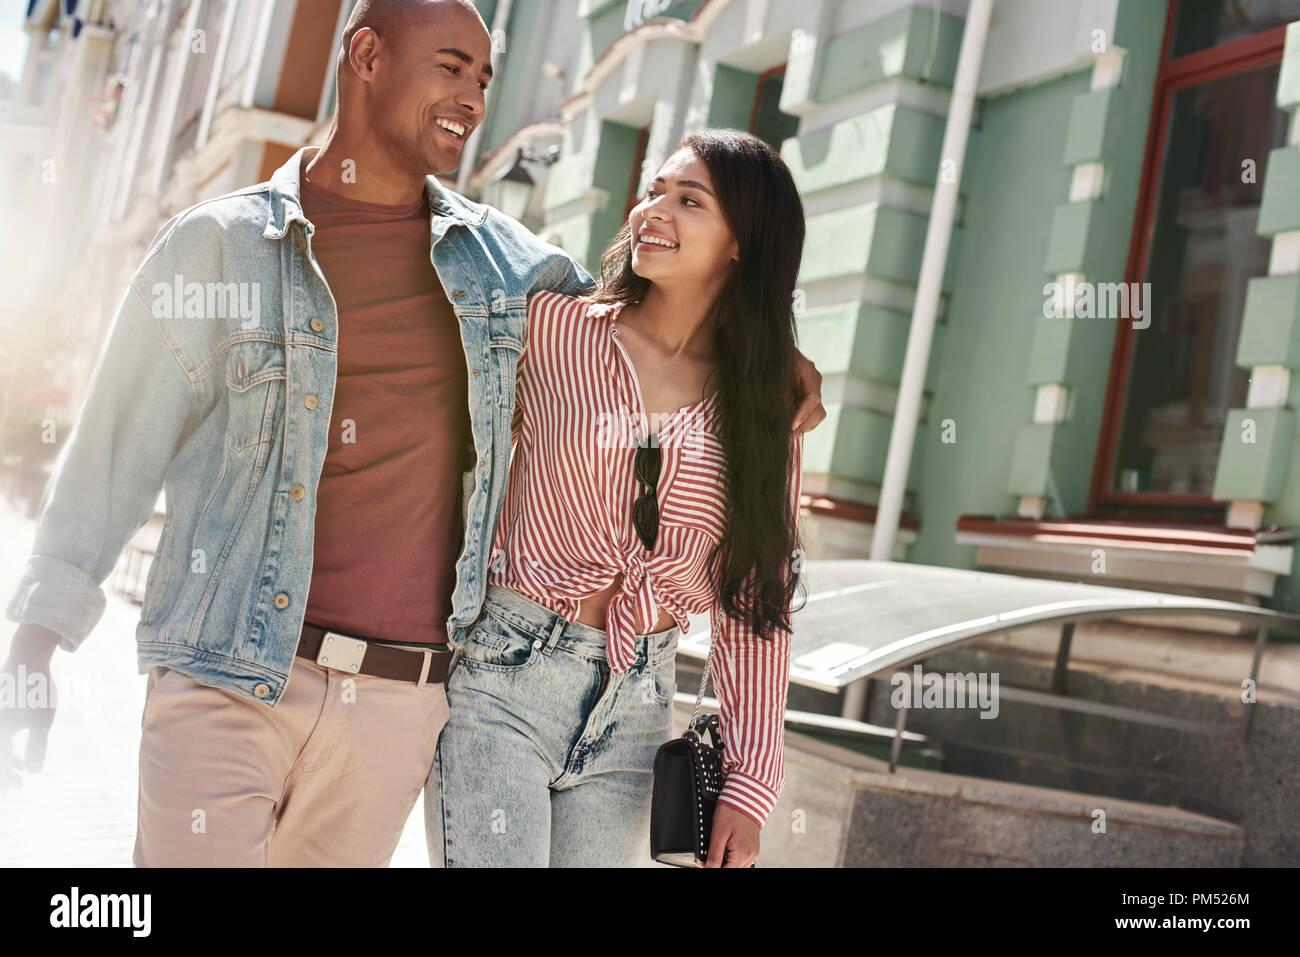 Romantische Beziehung. Junge diverse Paar zu Fuß auf der Straße umarmen sich einander reden Lächeln glücklich Stockfoto